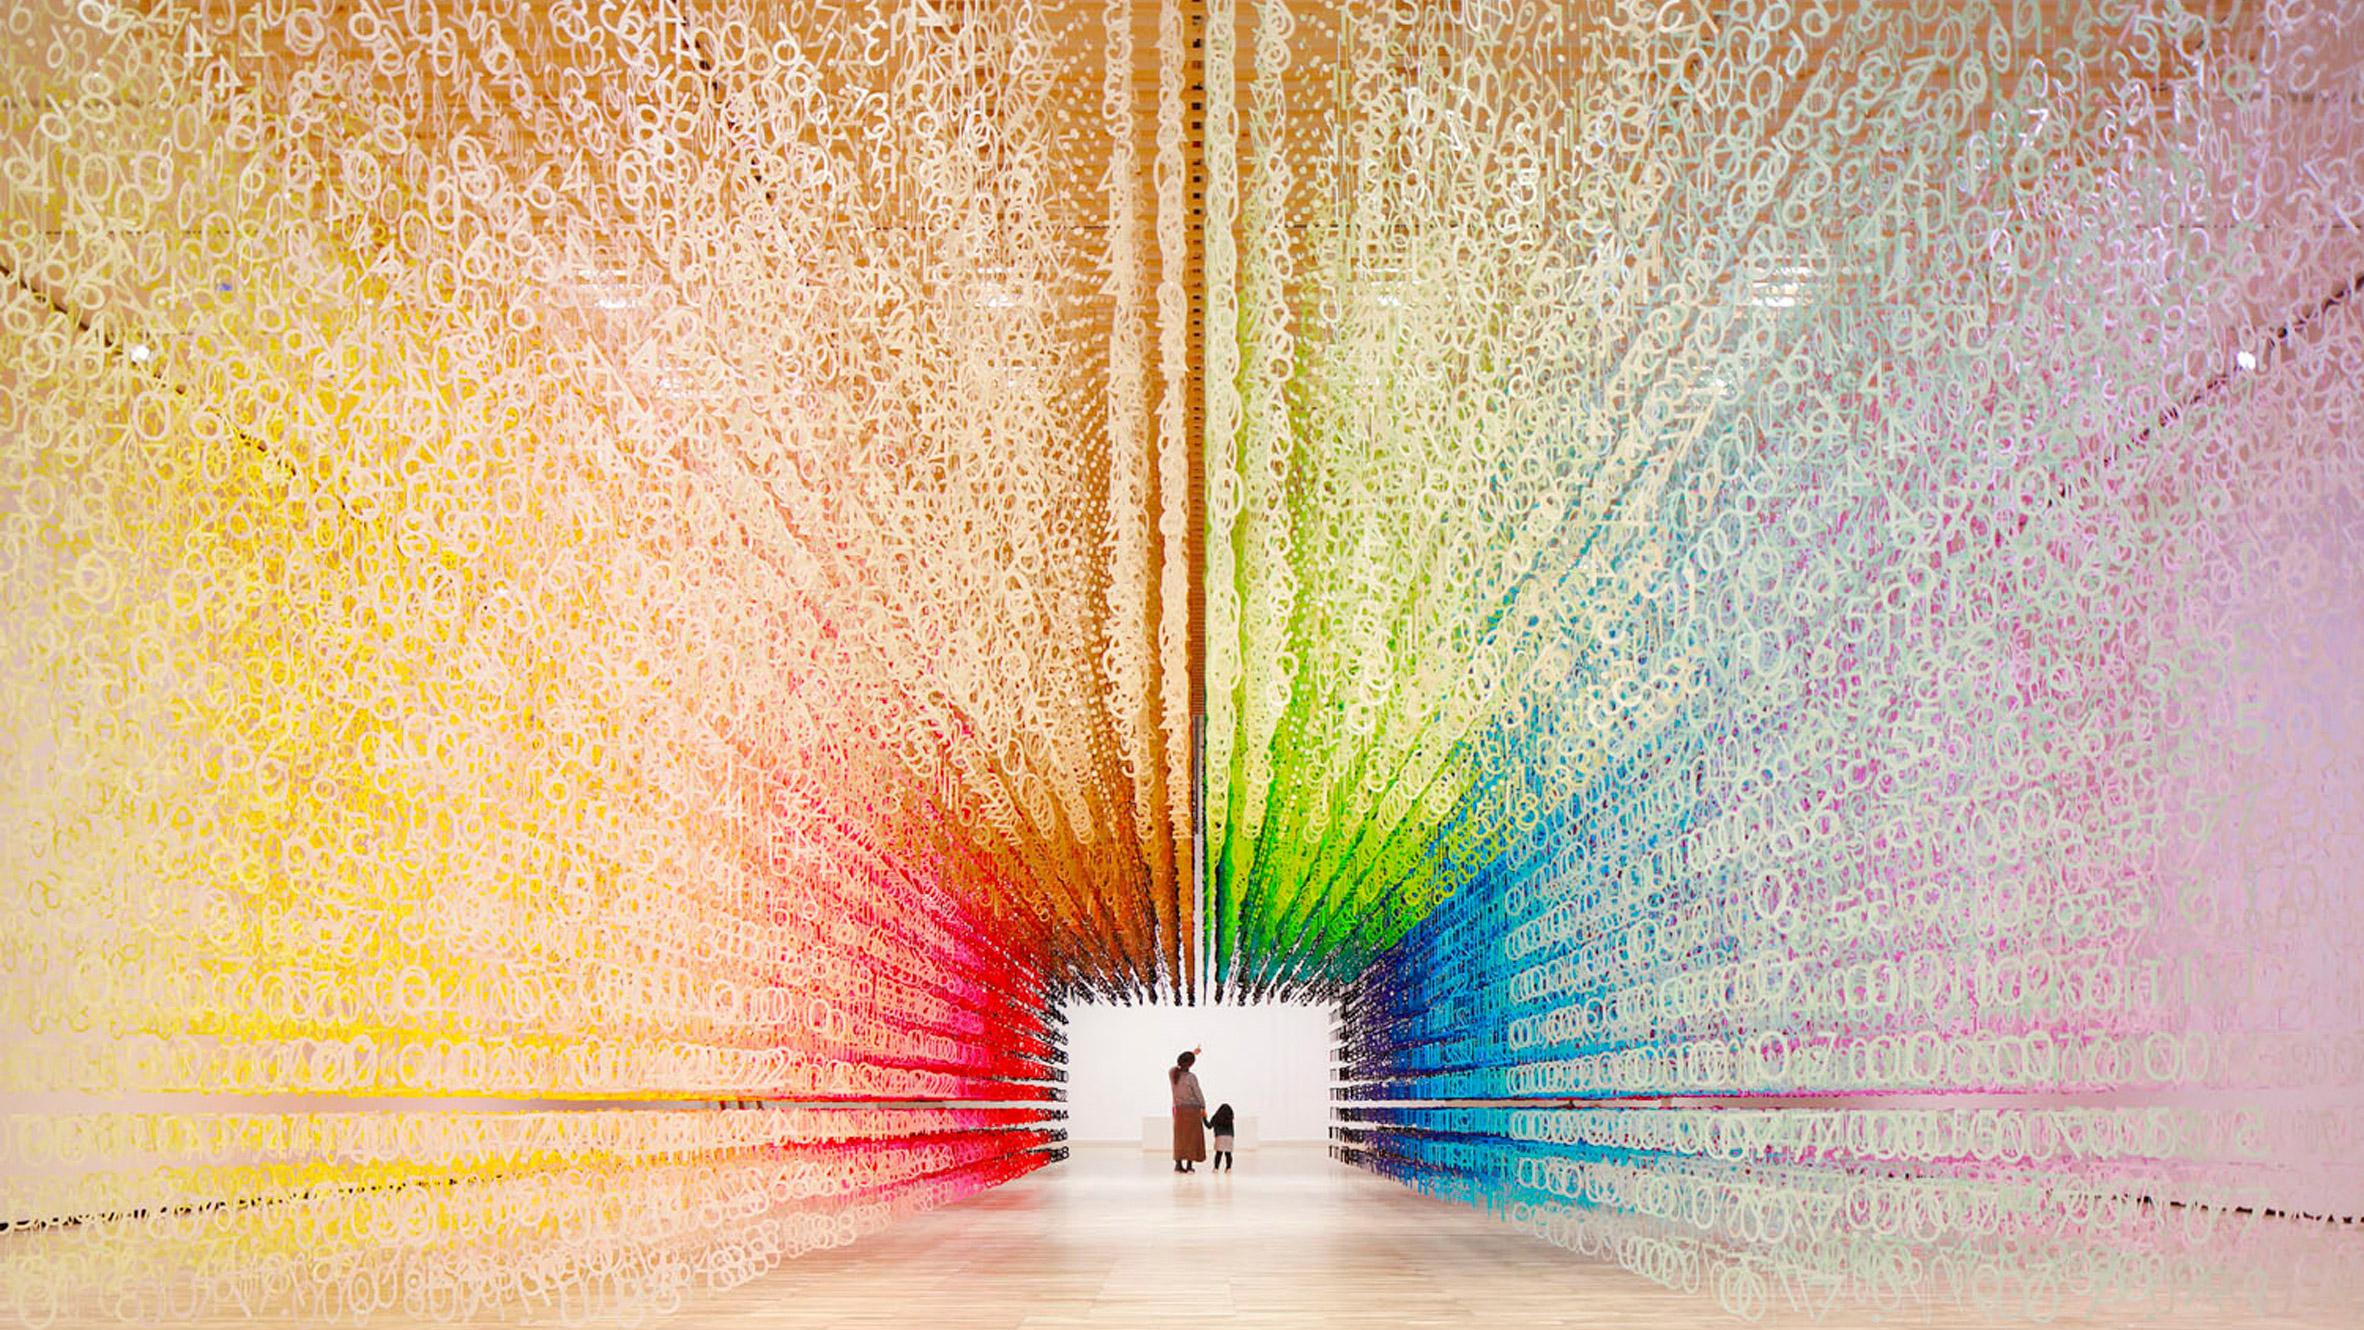 Emmanuelle Moureaux\'s rainbow installation changes colour over time